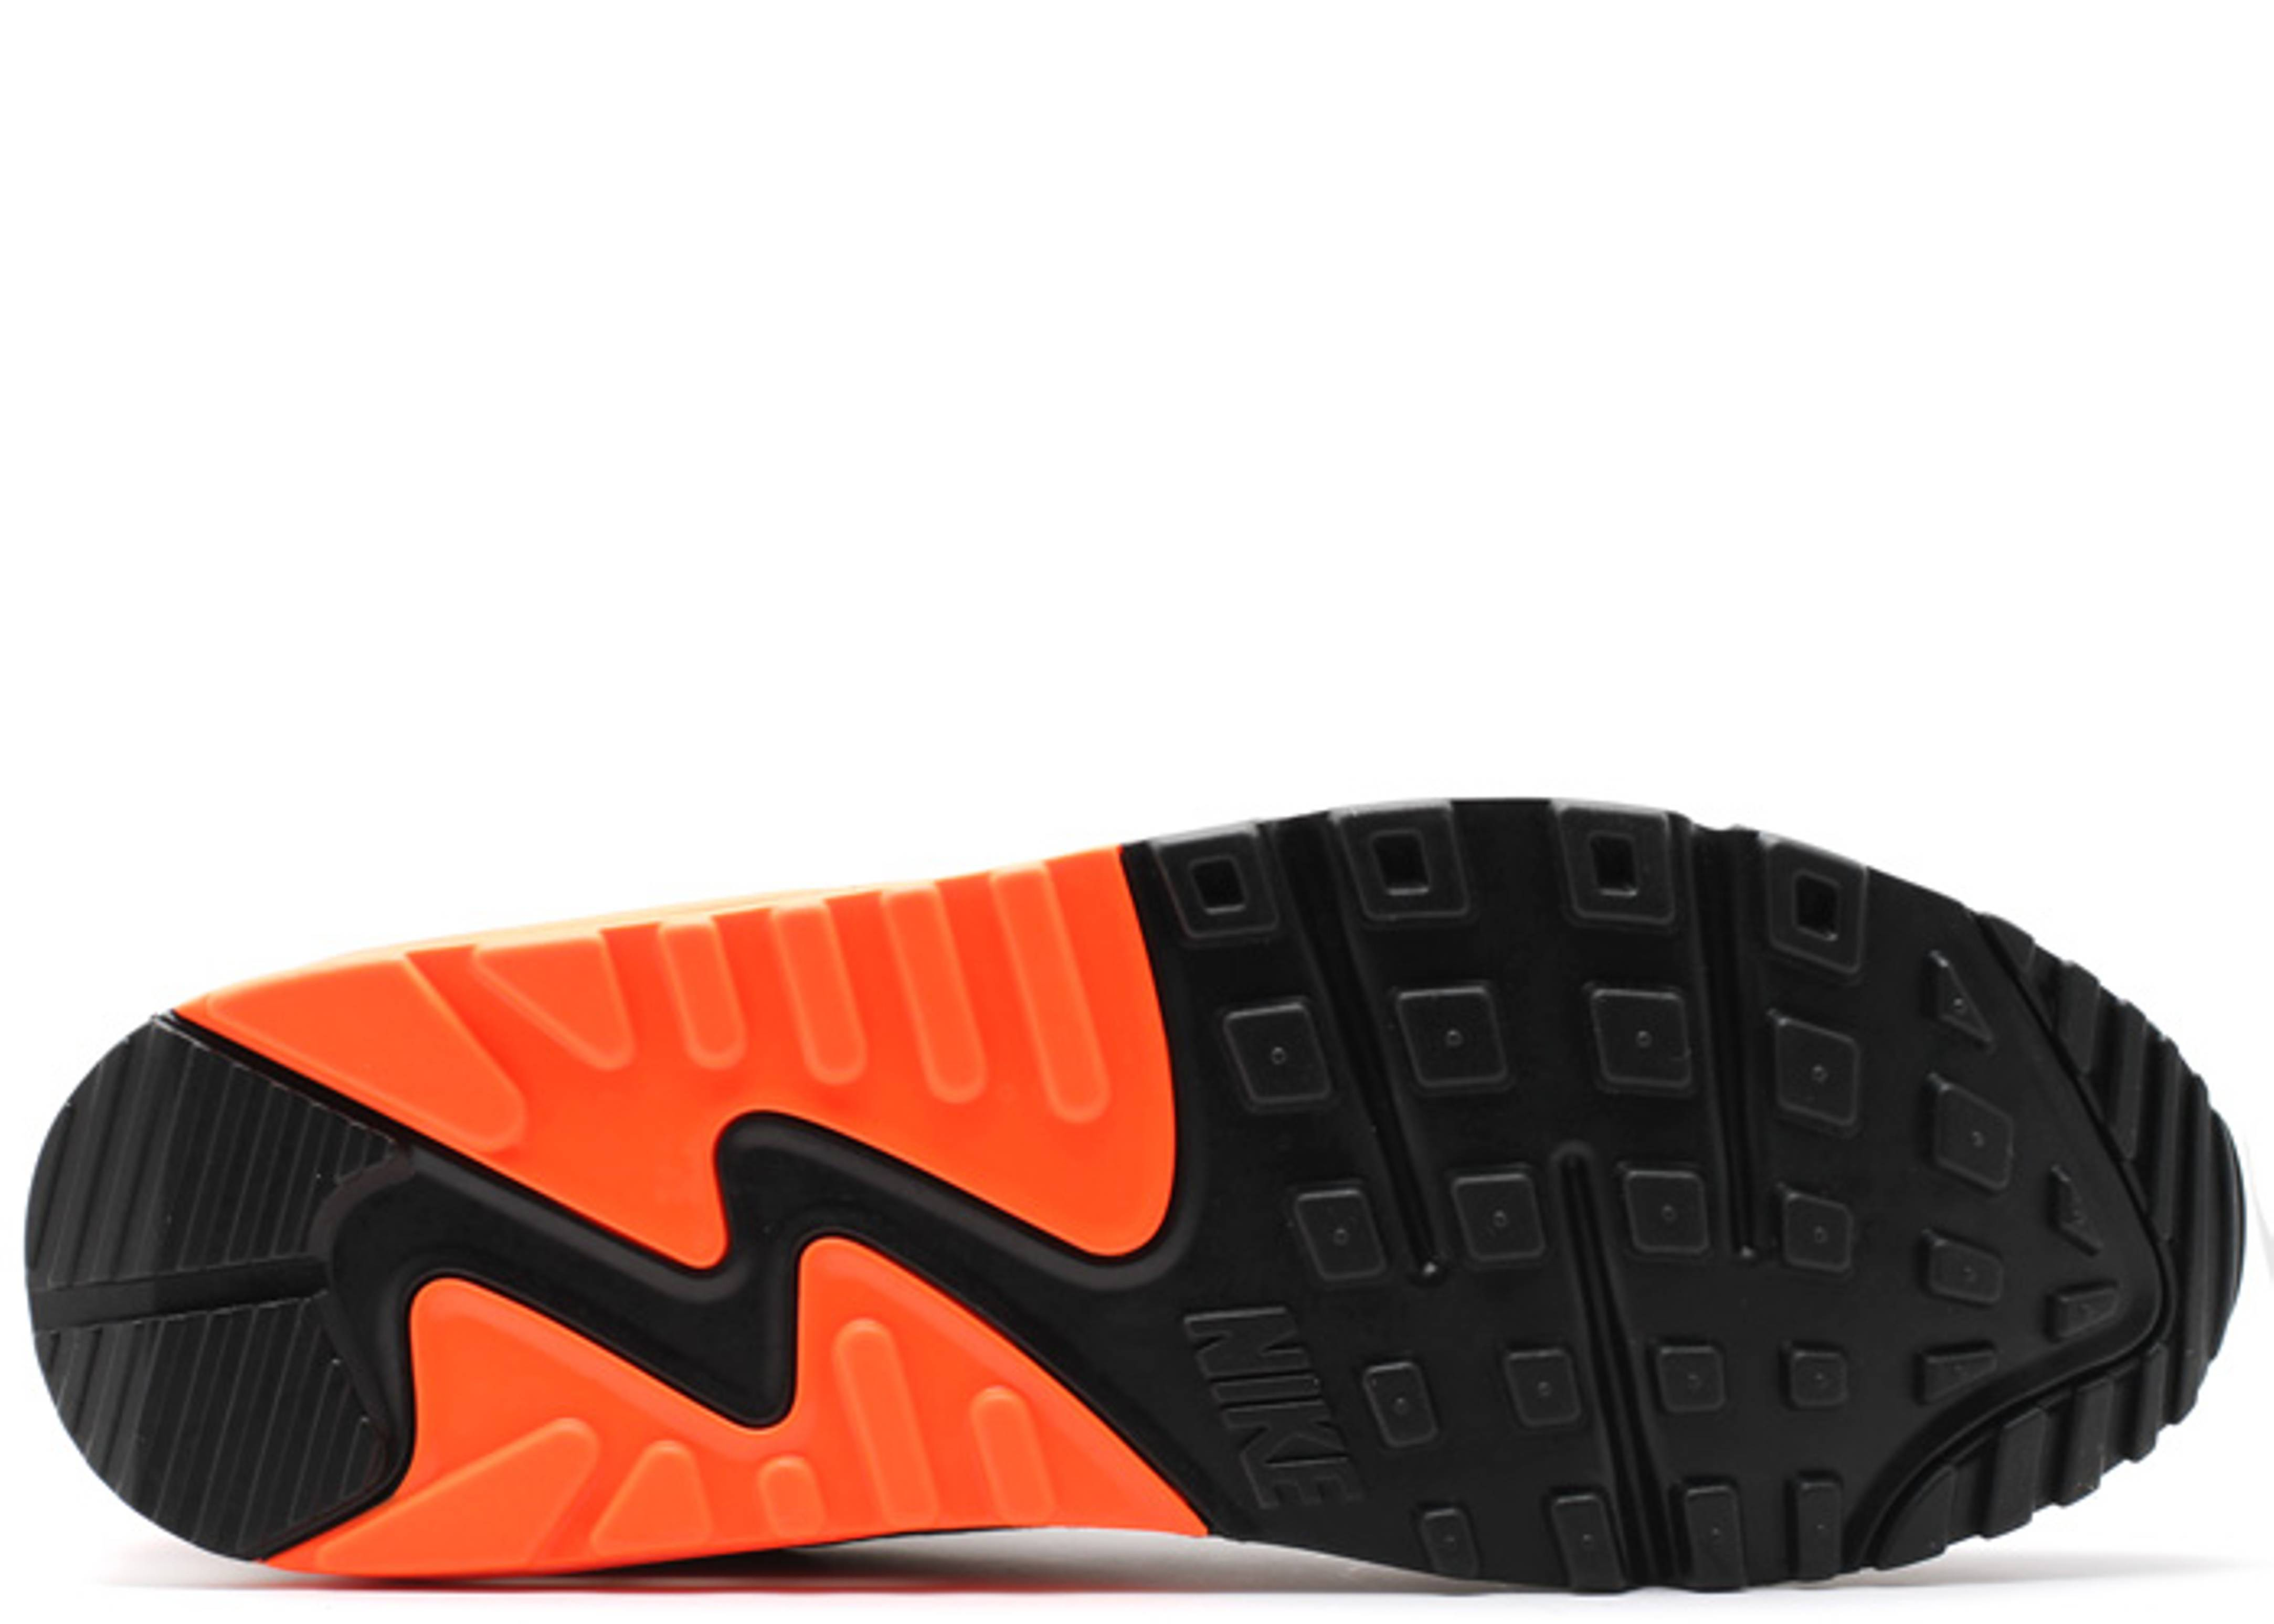 Nike Air Max 90 Essential Black Hyper Crimson